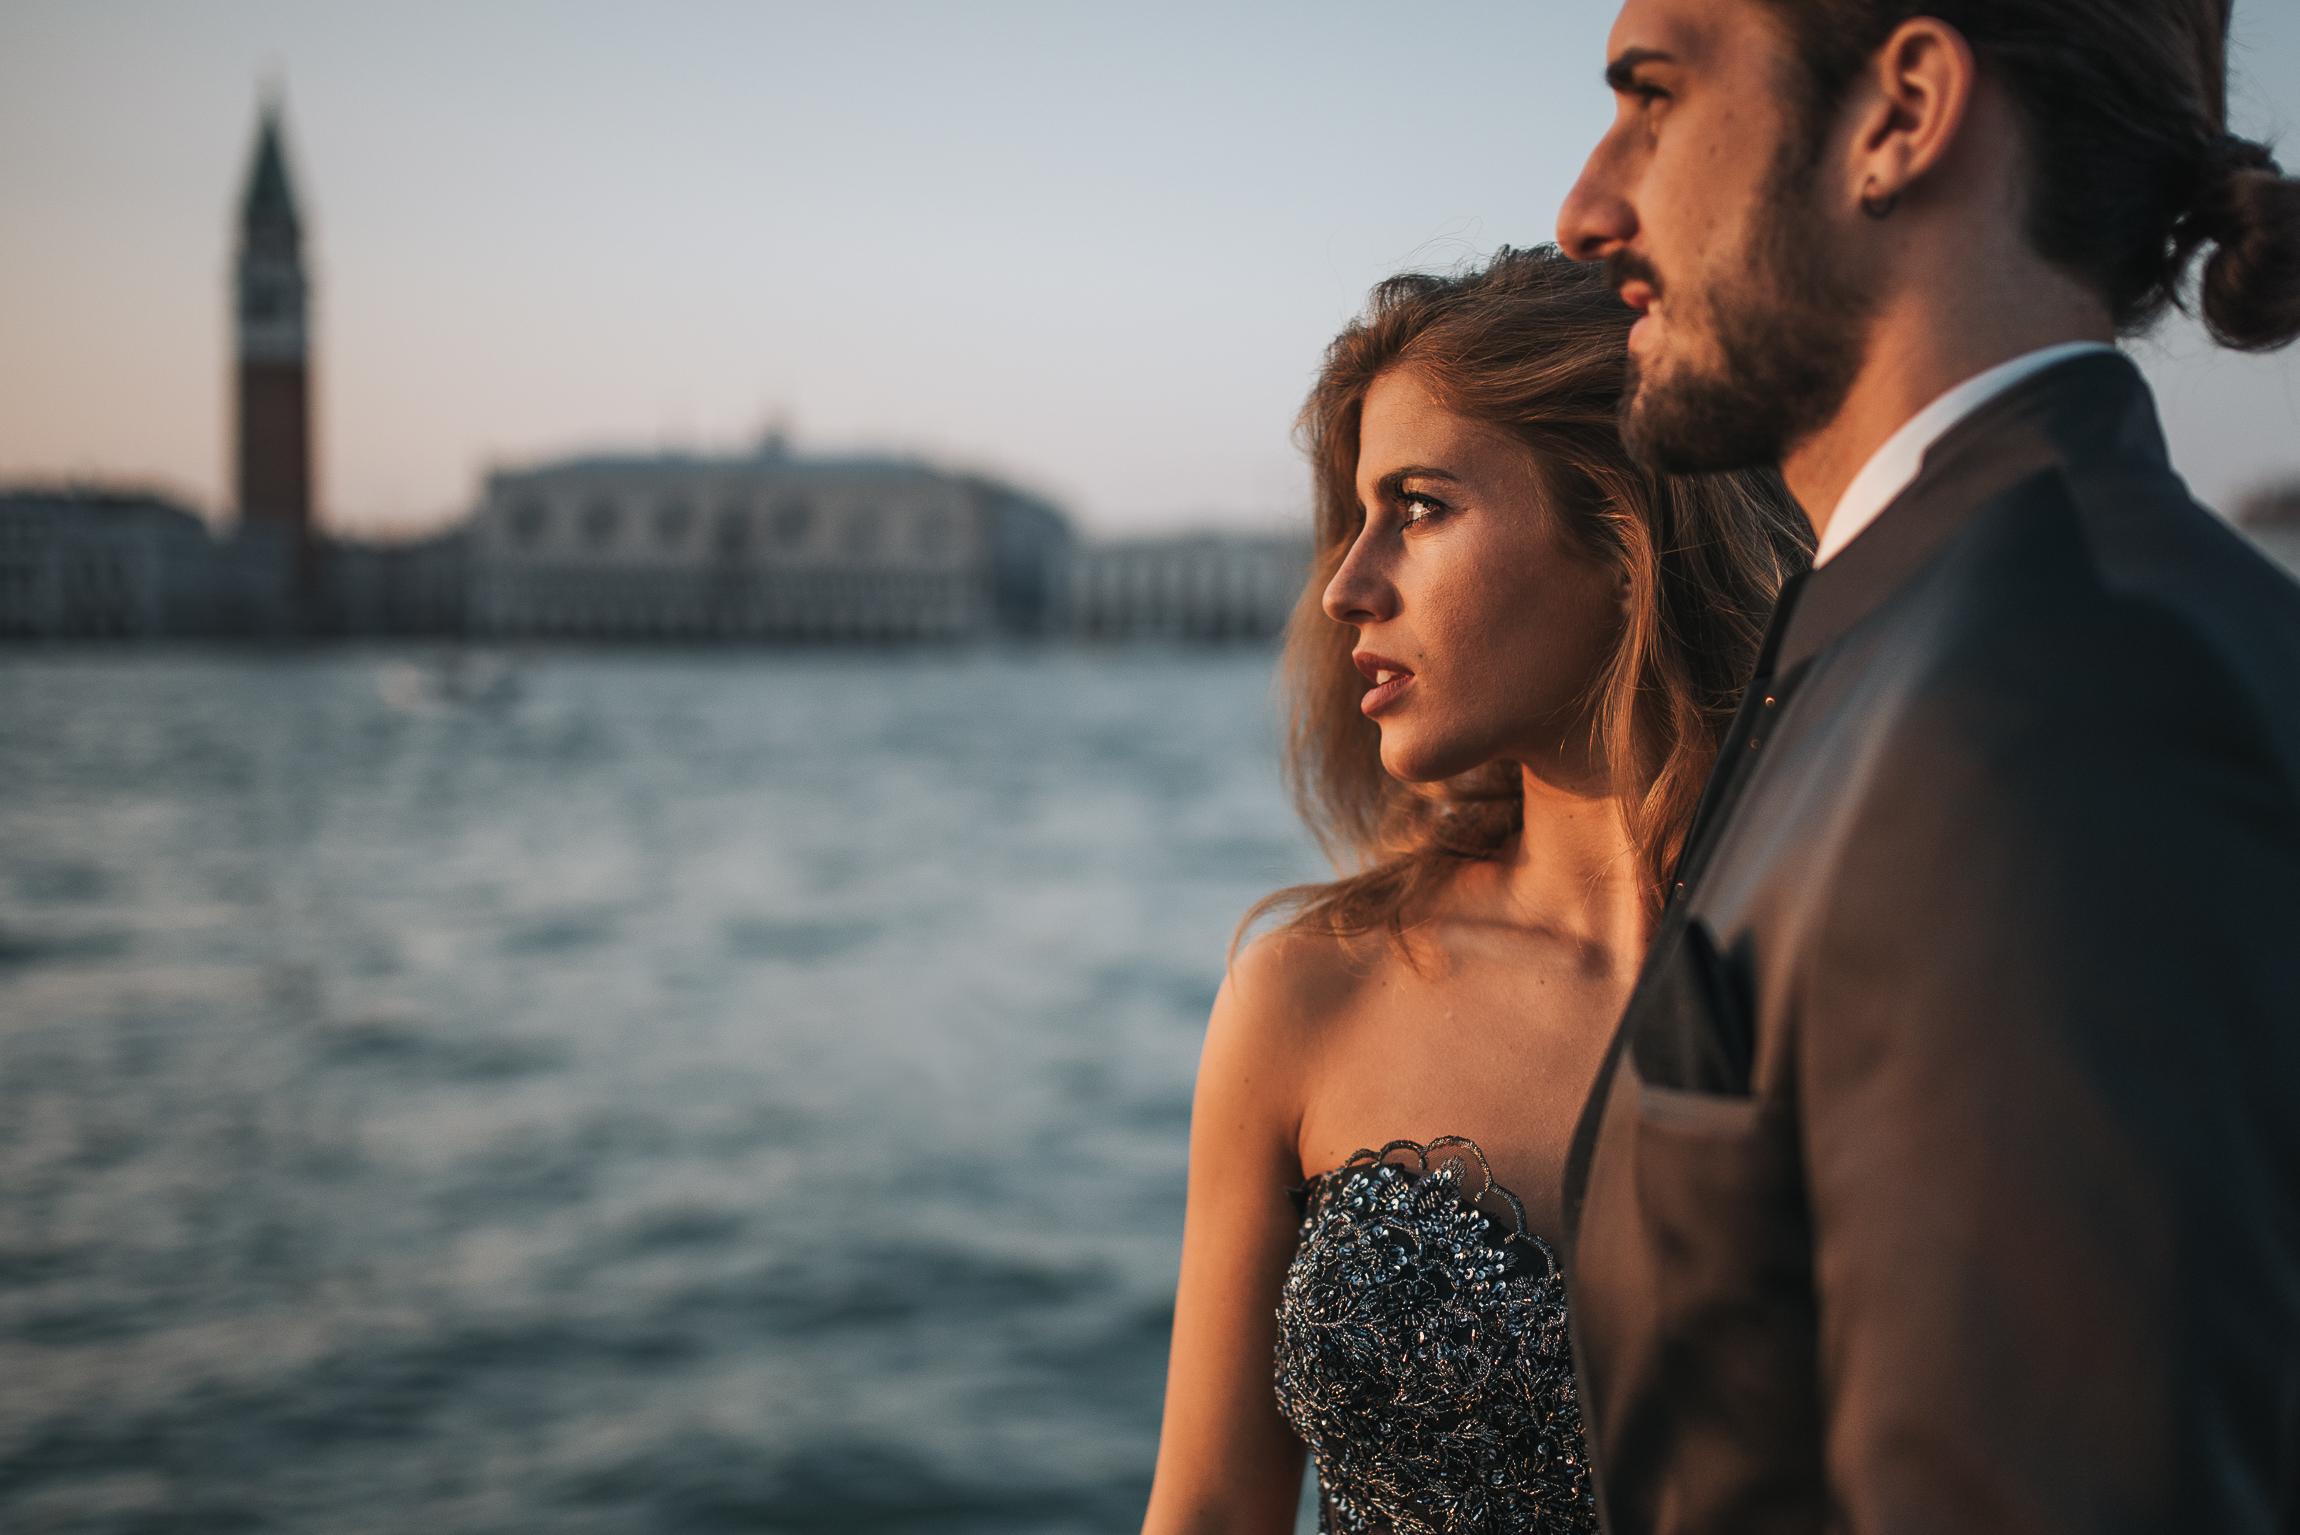 Servizio di coppia a Venezia. Serena & David. Il Blog di Michelino Studio, Fotografo di matrimonio in Veneto. Serena-David-27.jpg